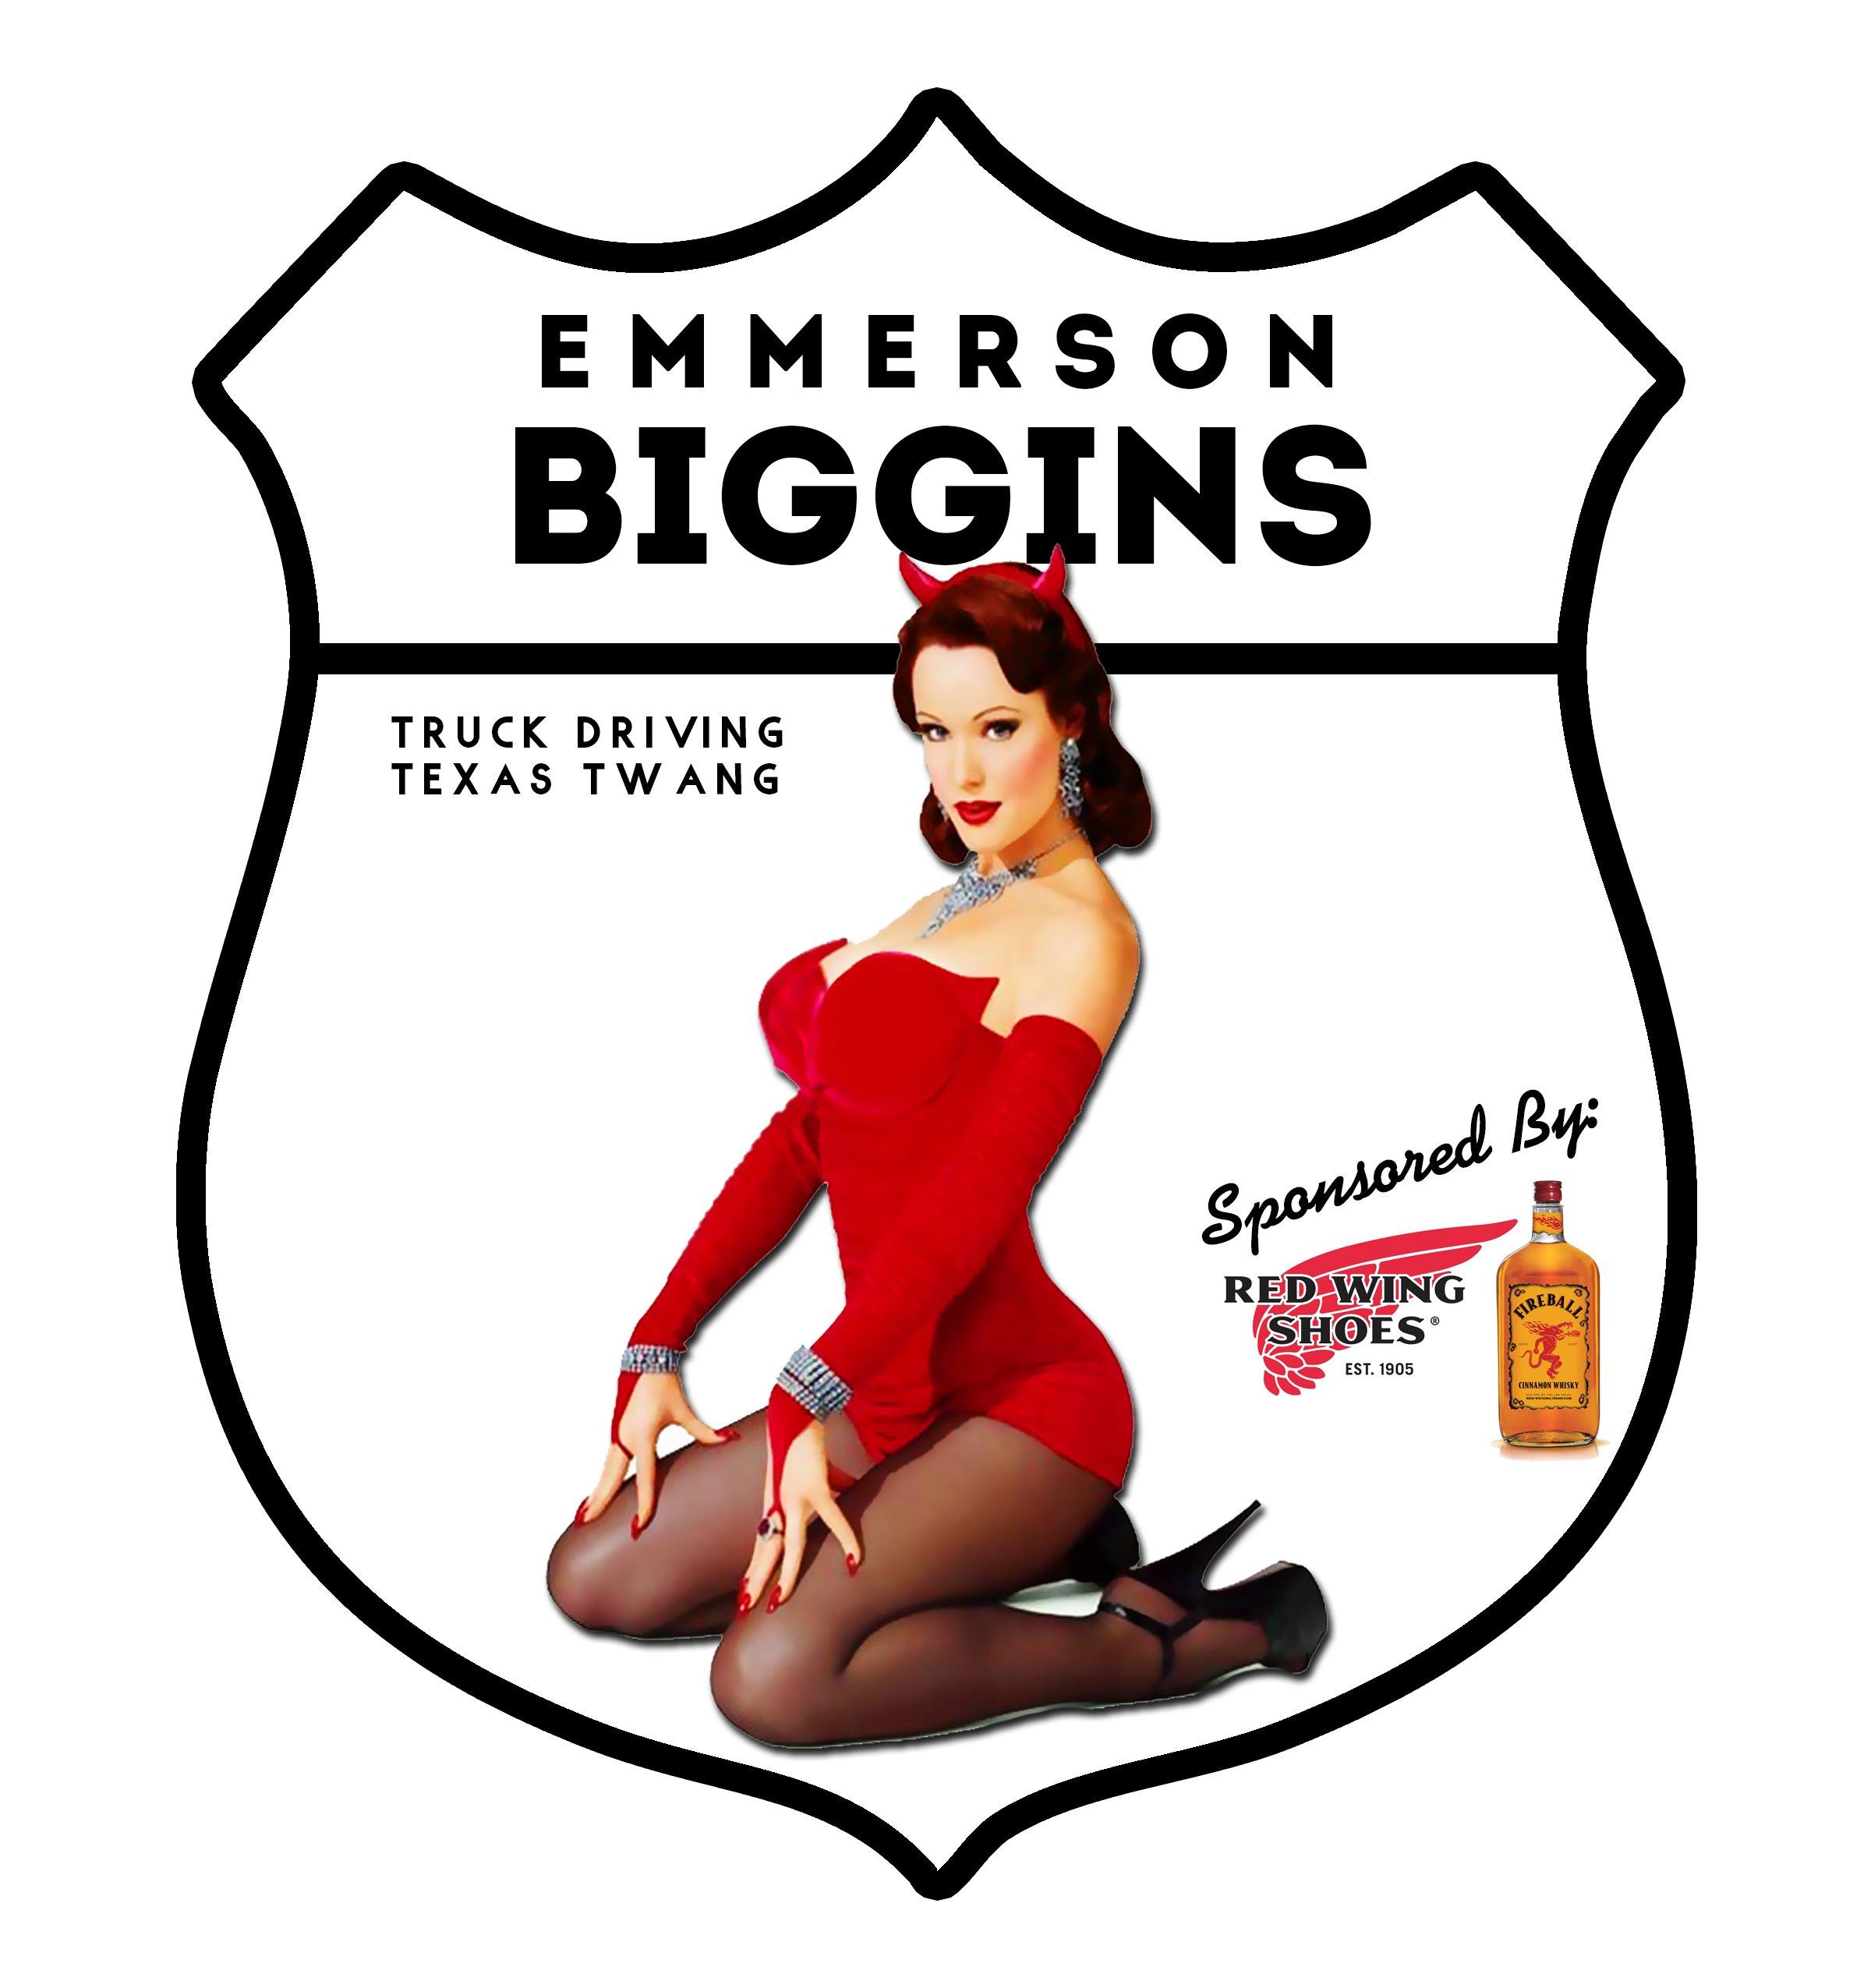 Emerson Biggins